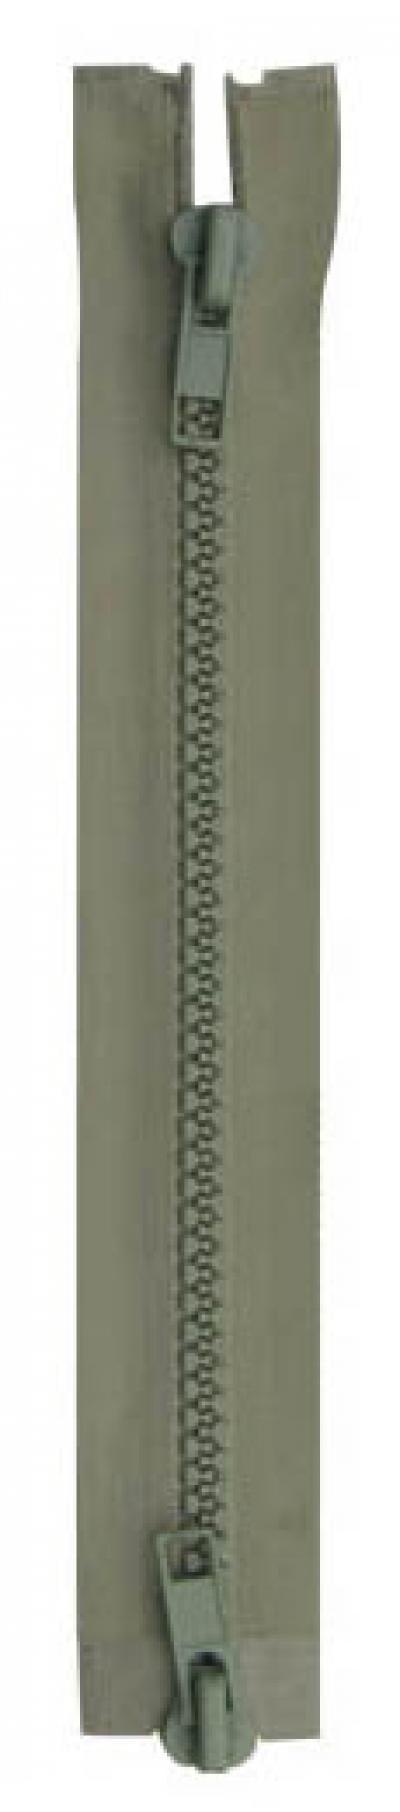 #5 plastic zipper,pp material thin teeth,O/E,A/L (# 5 пластиковой молнией, с материальной тонких зубов, O / E, A / L)